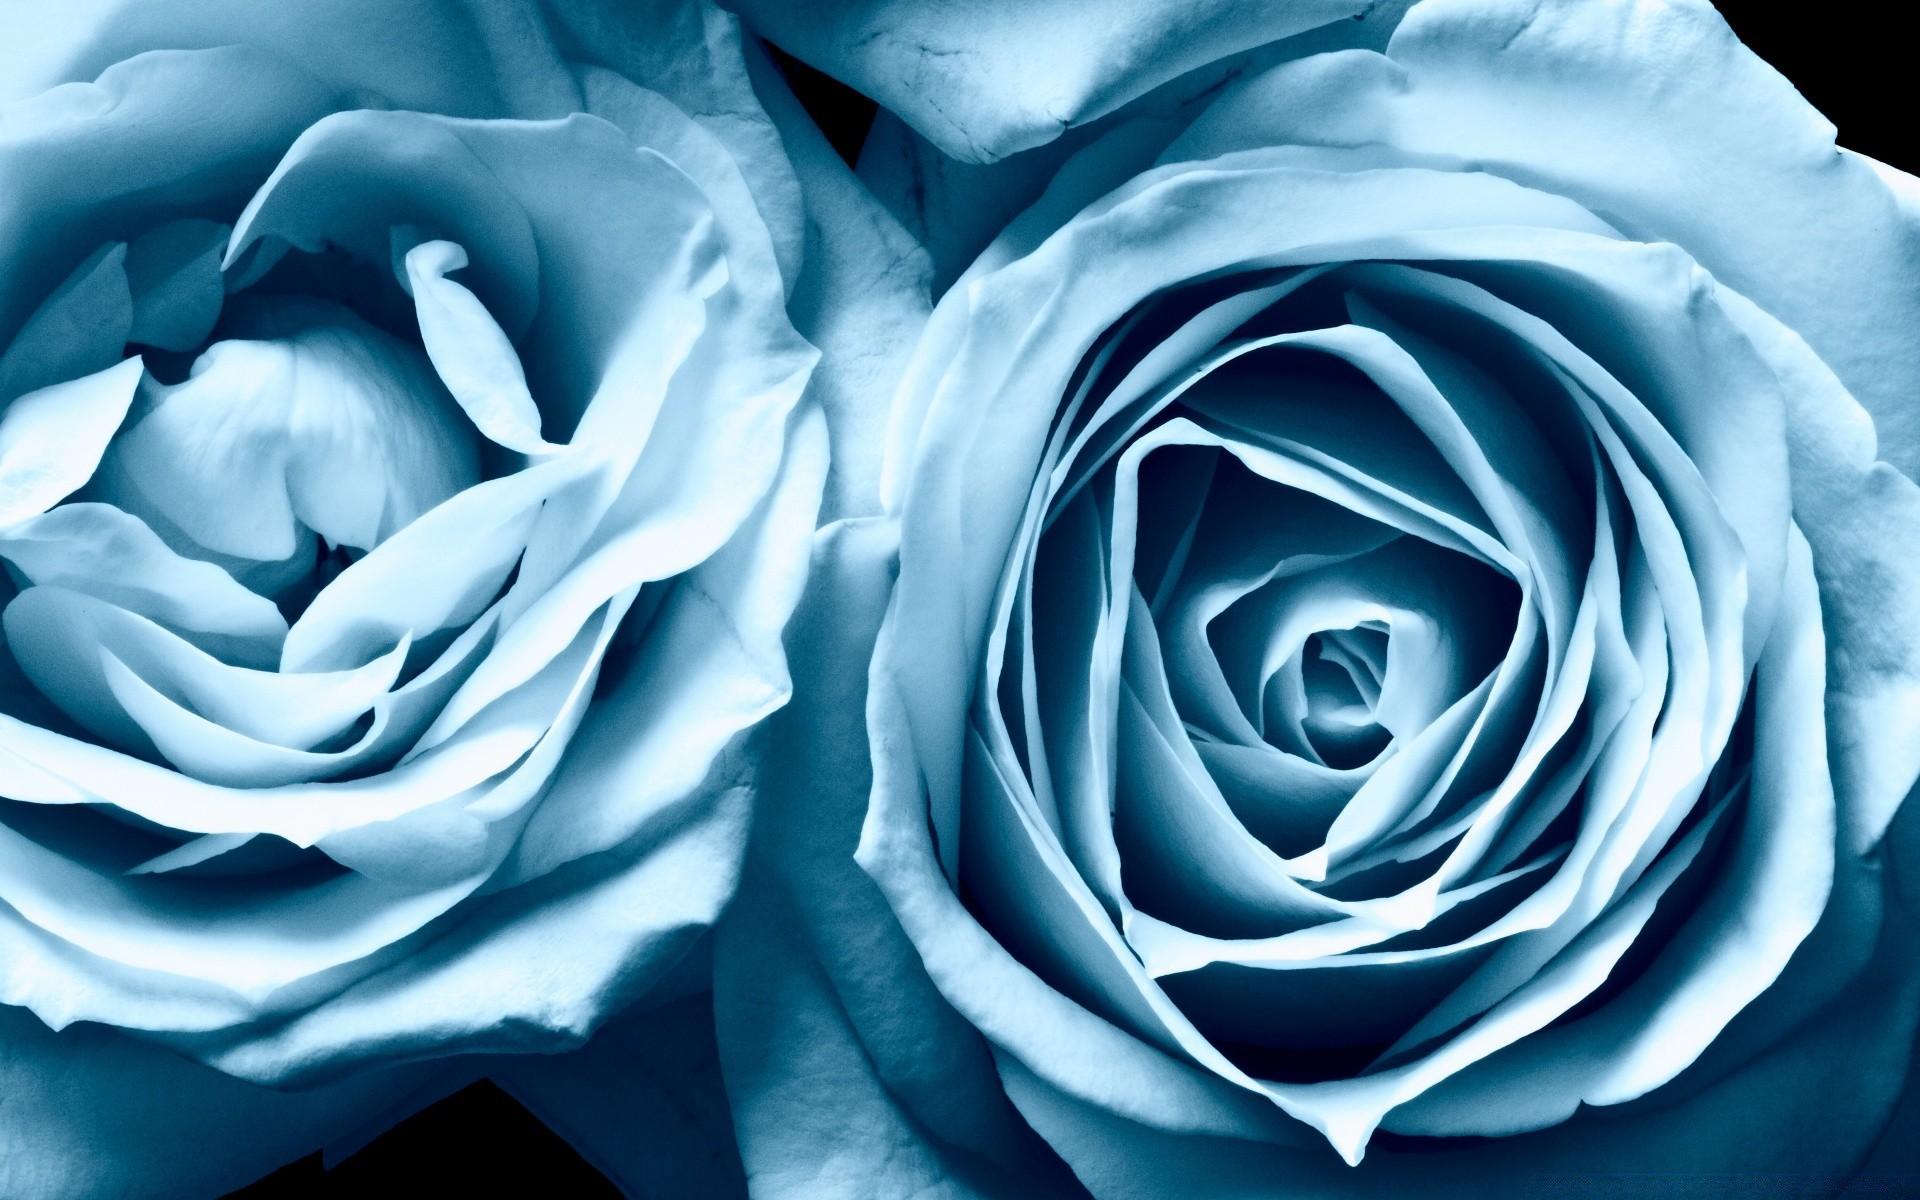 слышите обои на самсунг розы сами разработчики утверждают